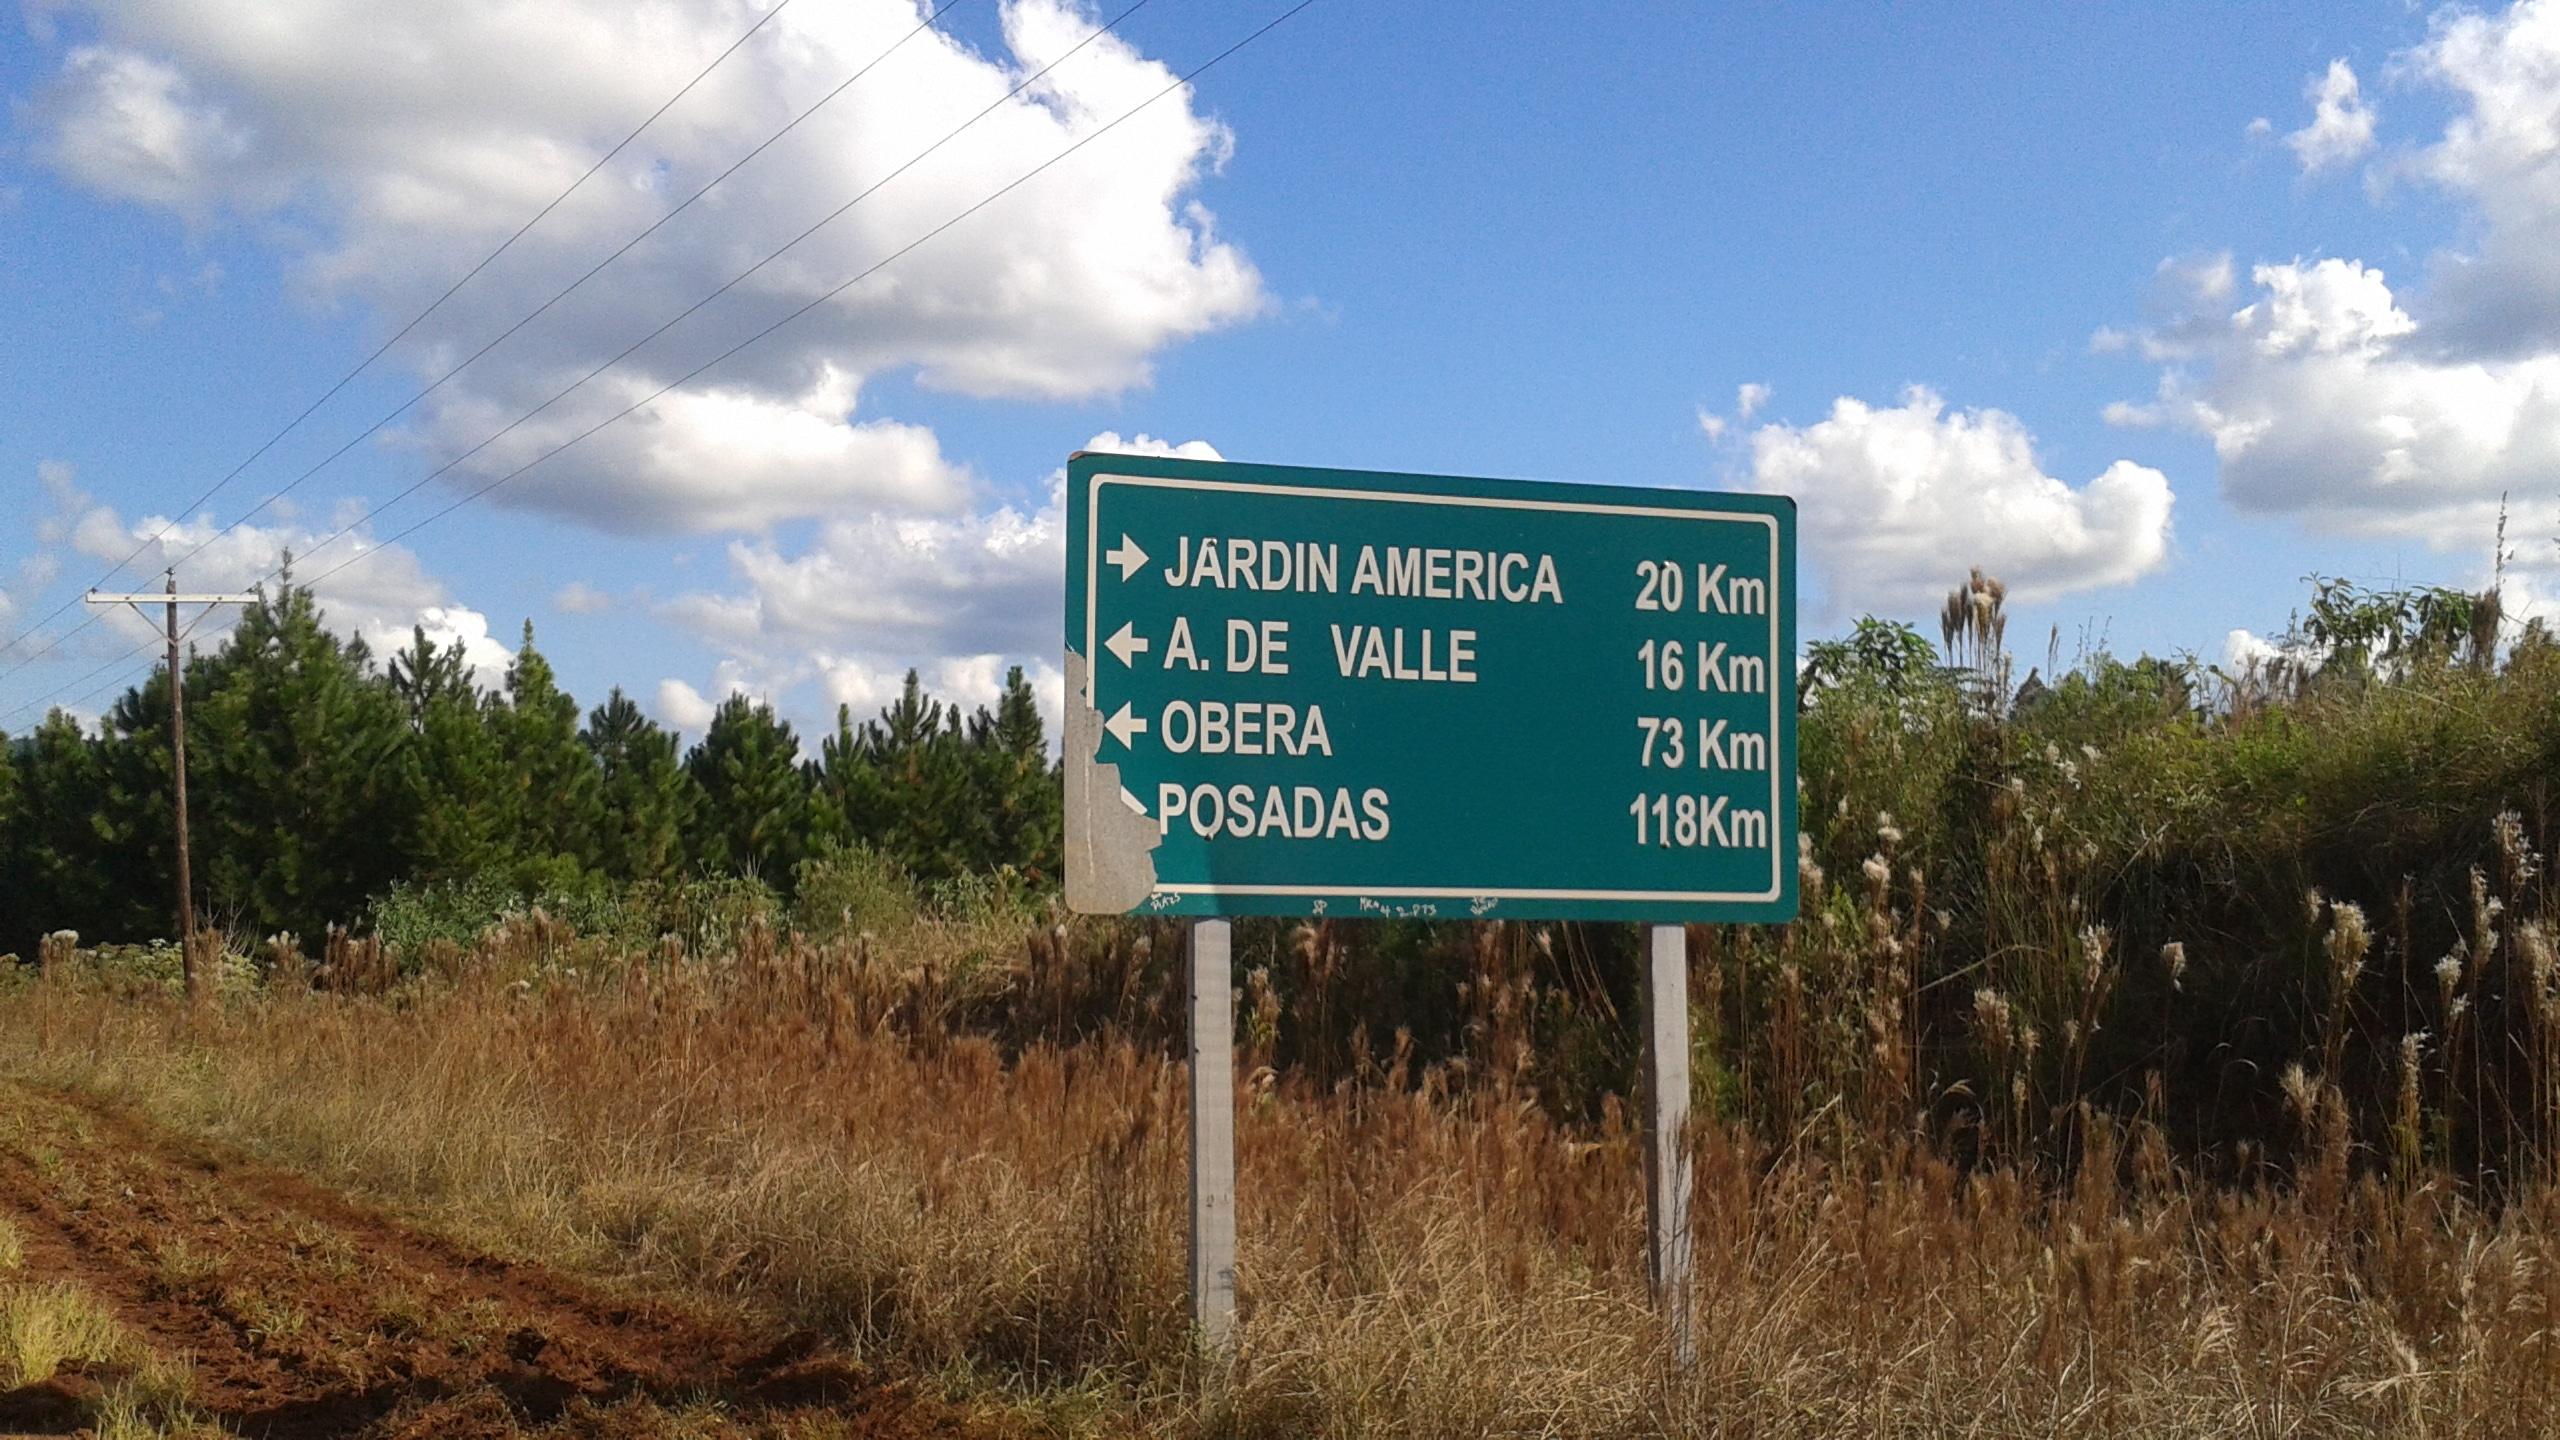 Jardín América Misiones